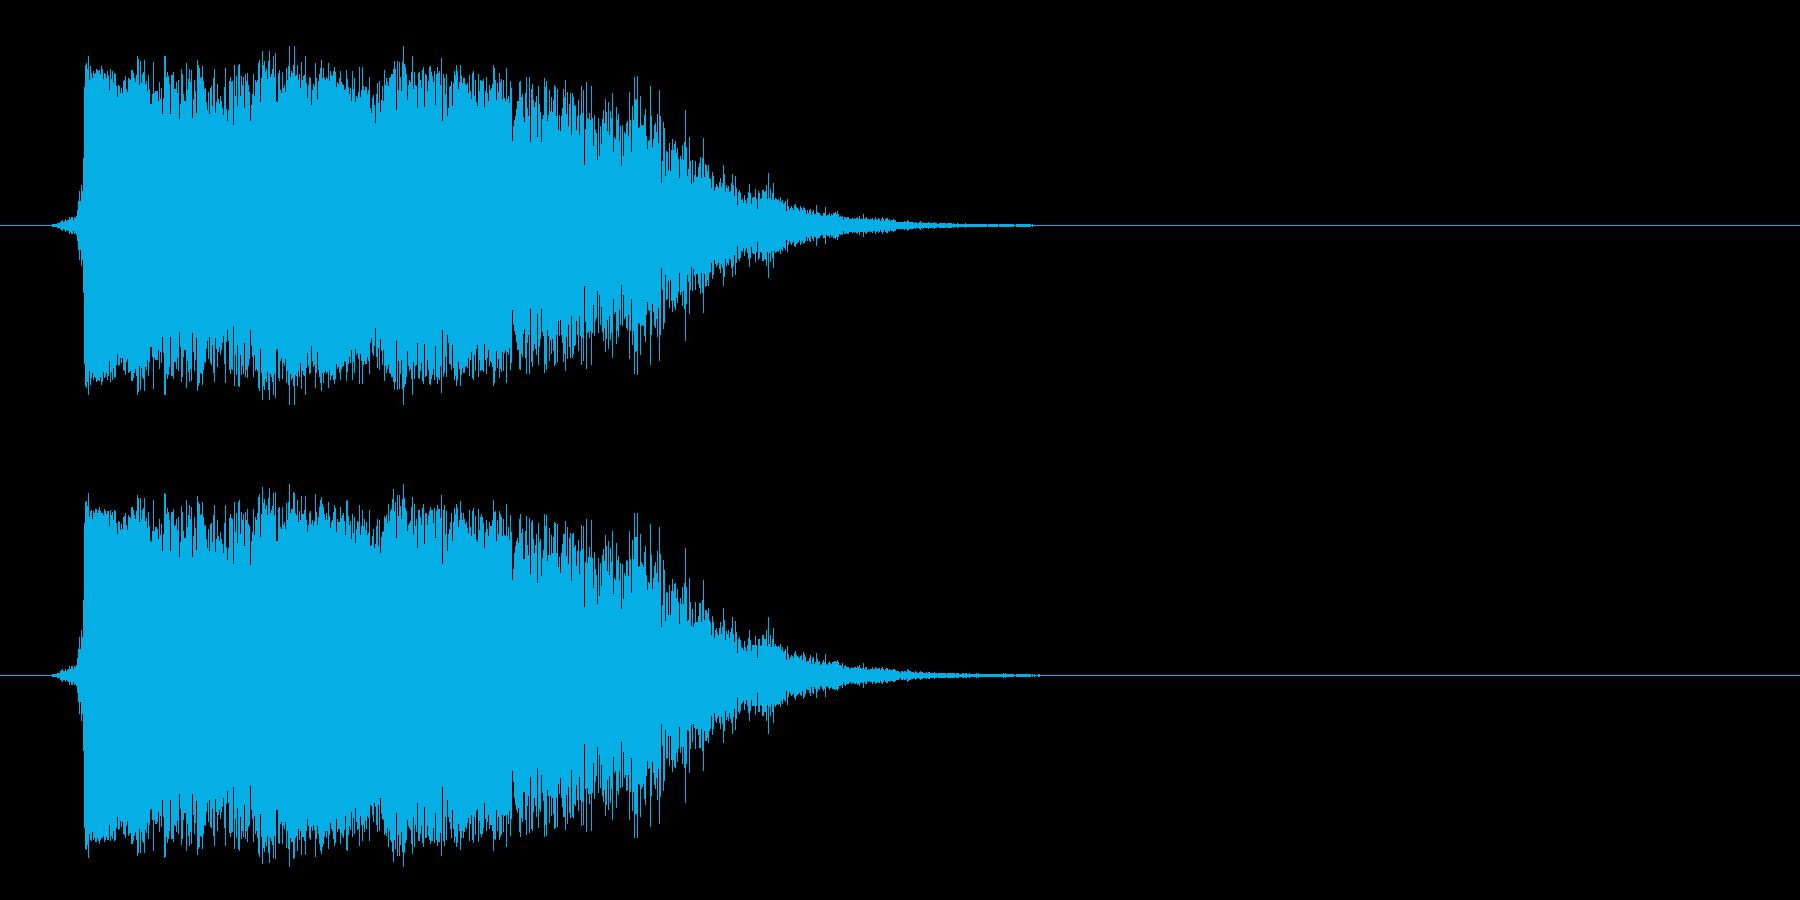 ハードメタルクラッシュメタルインパクトの再生済みの波形